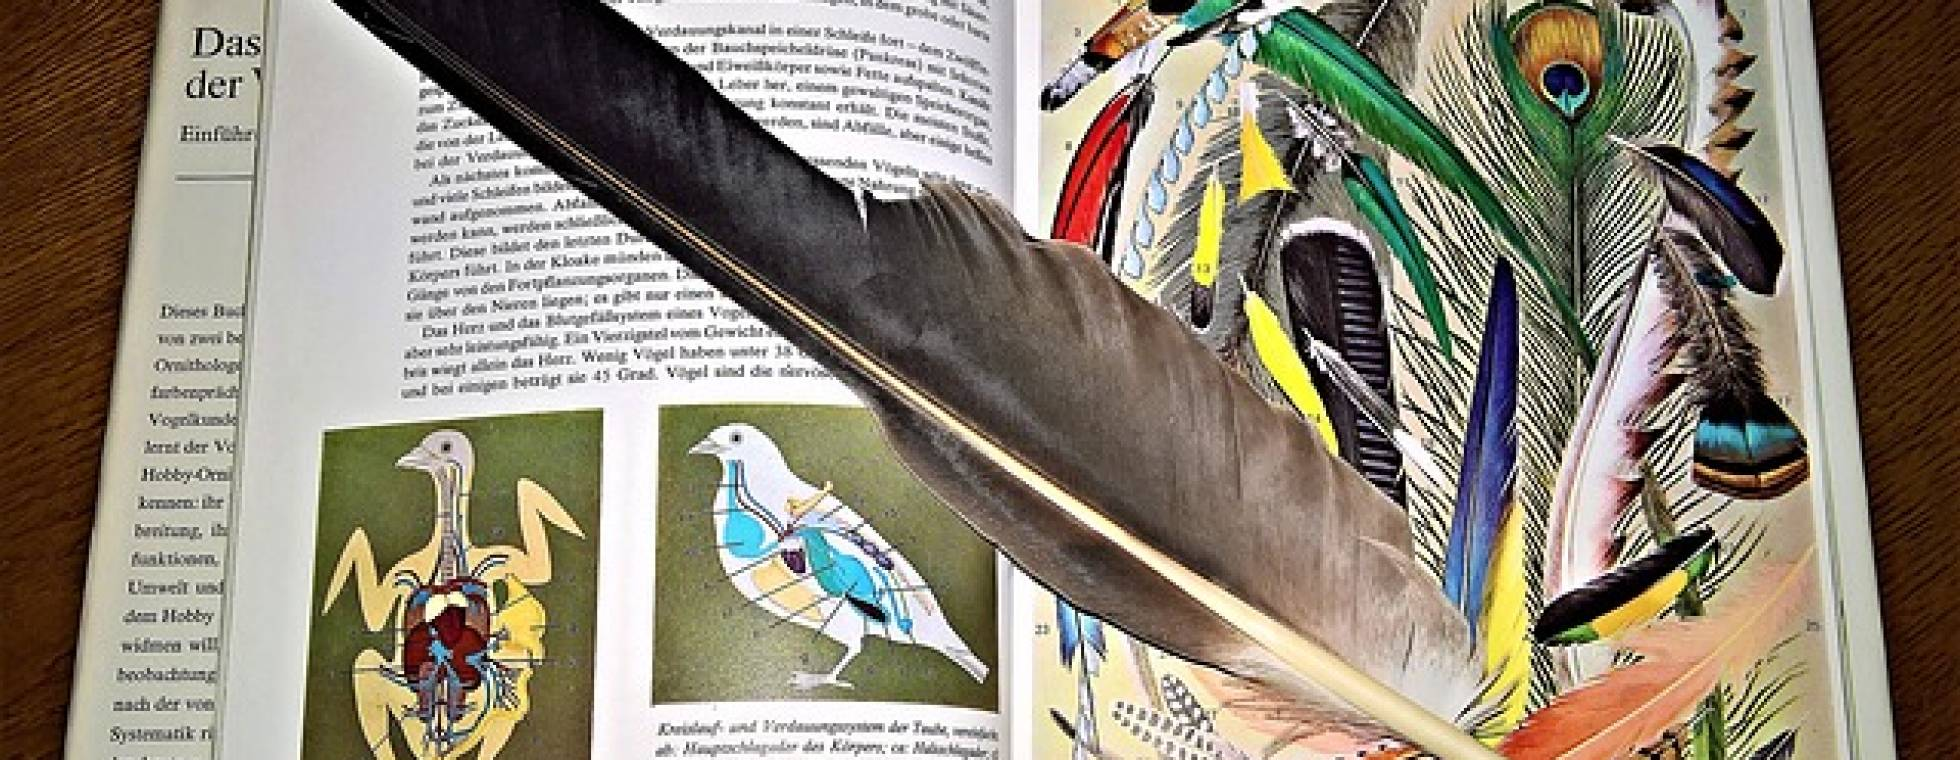 aufgeschlagenes Vogelbuch mit einer Feder darauf